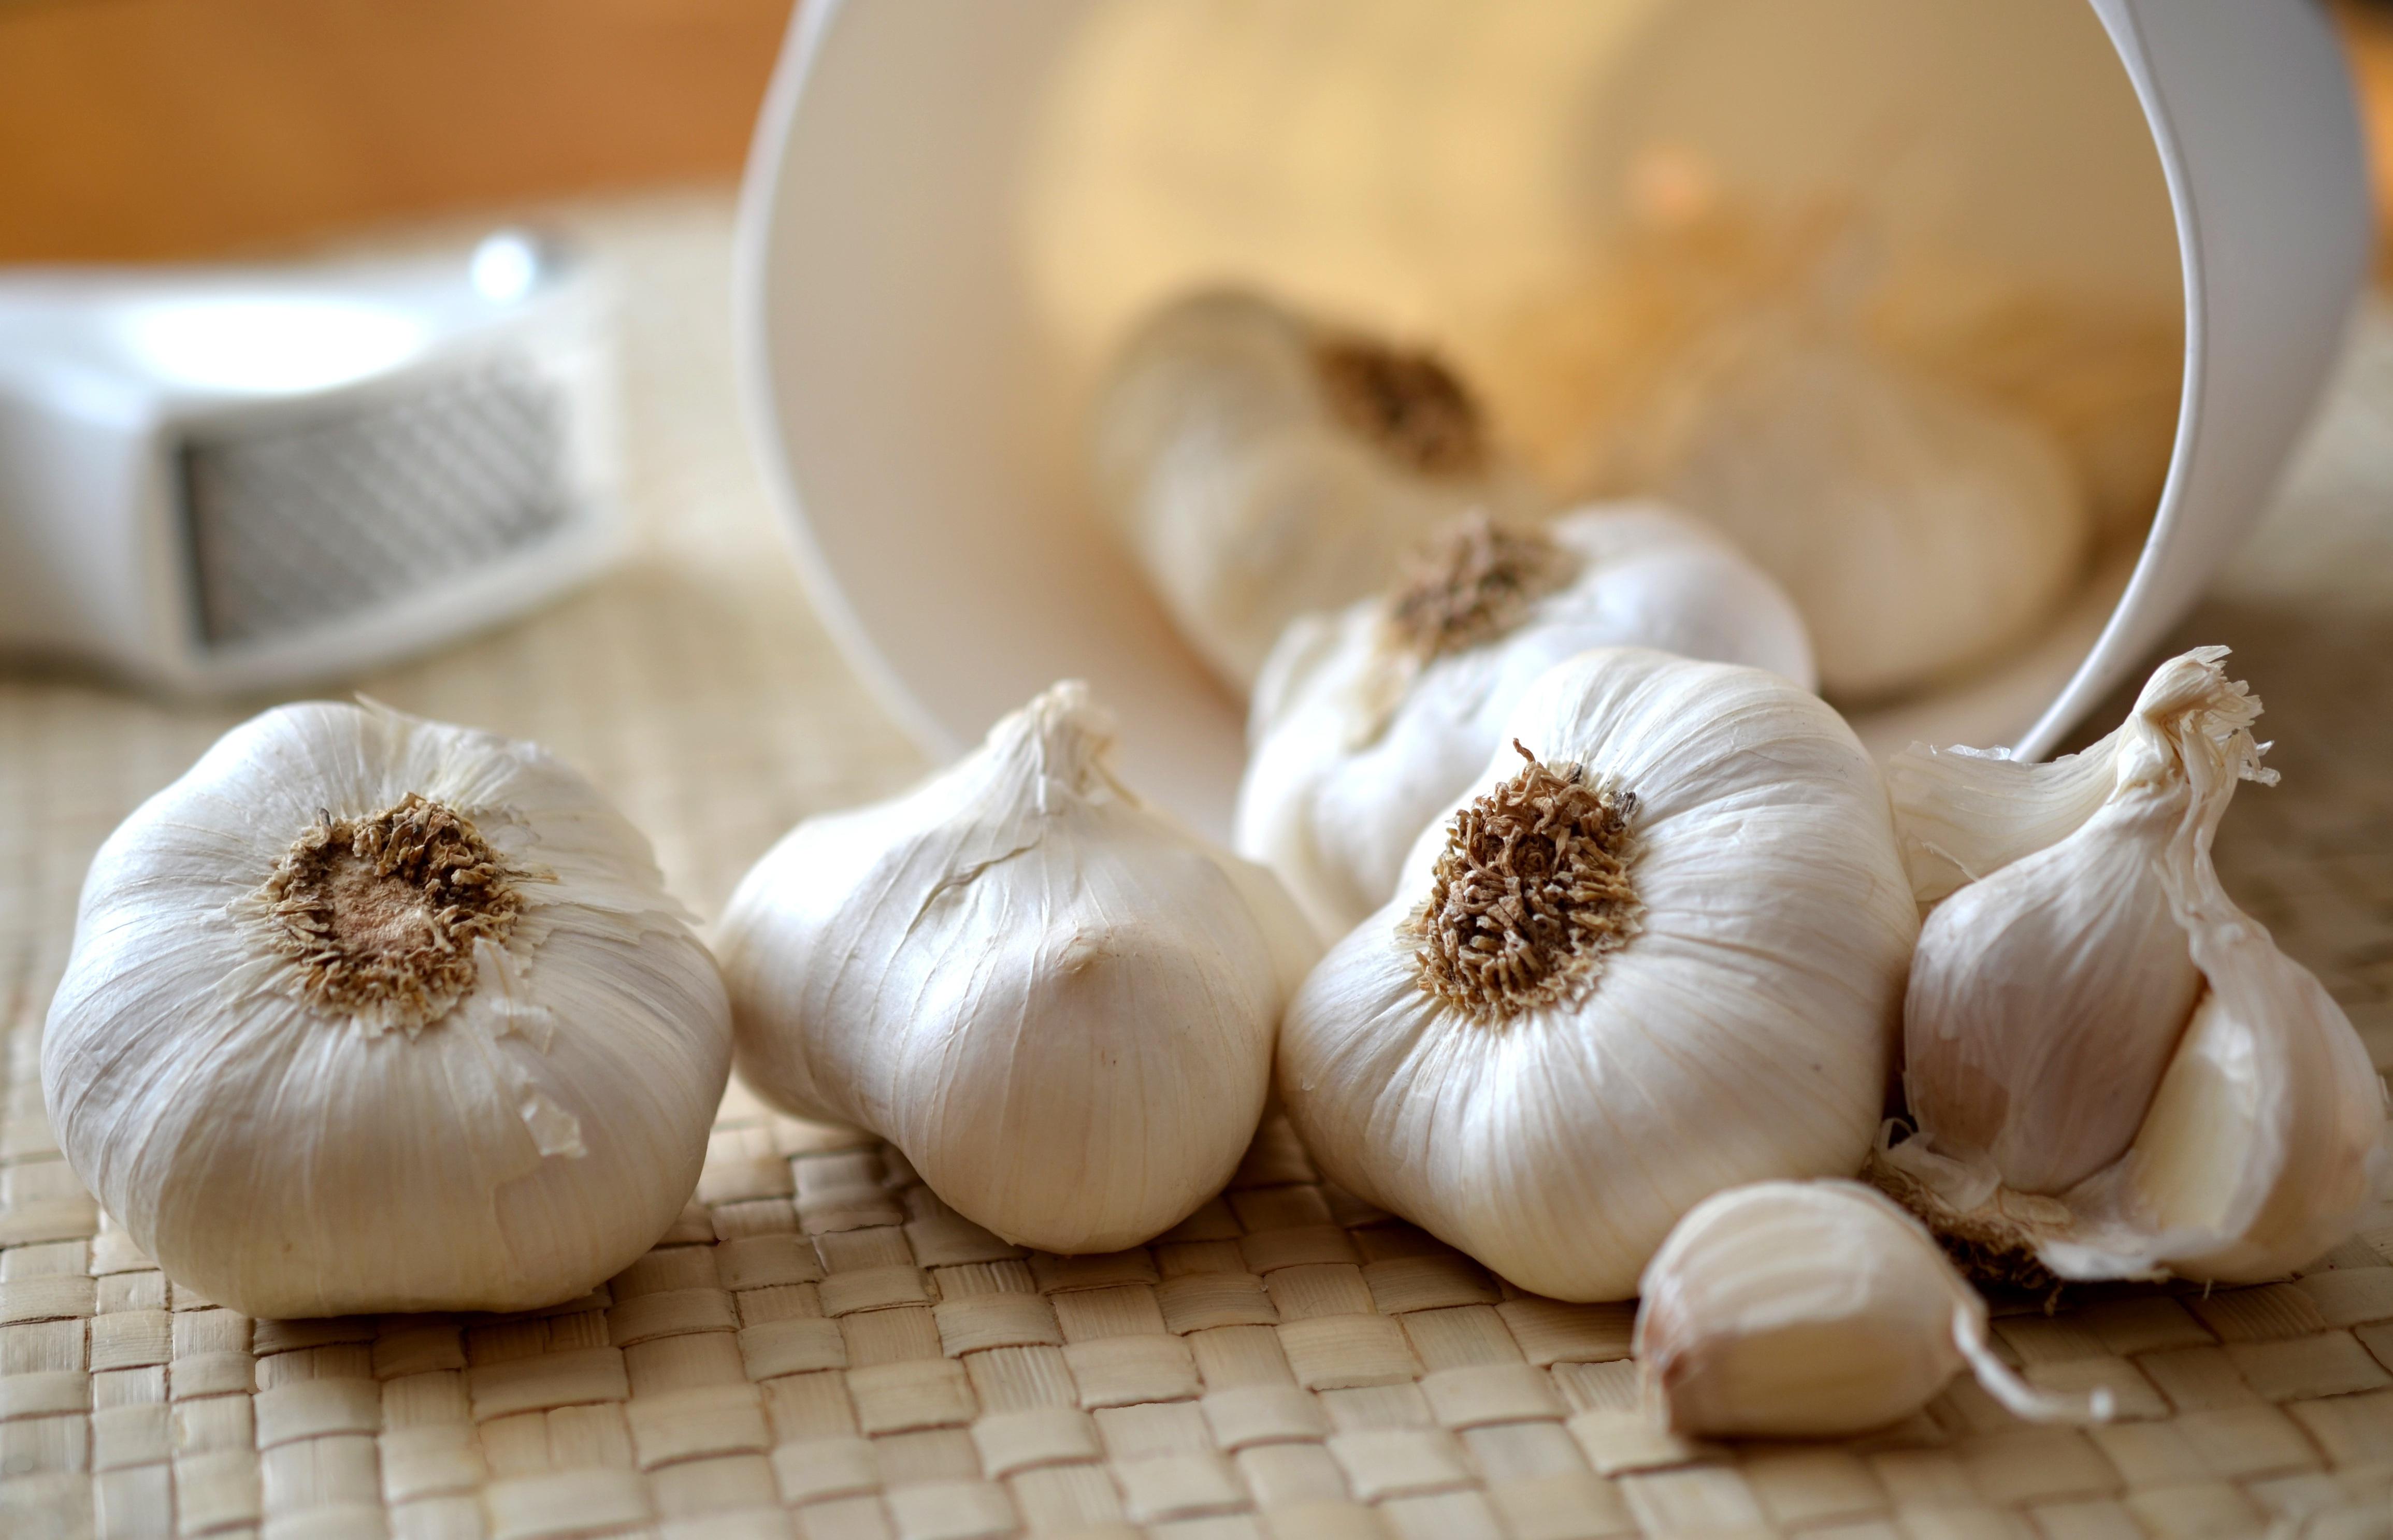 ételek magas vérnyomás és cukorbetegség ellen a magas vérnyomású ételek károsak a magas vérnyomásra